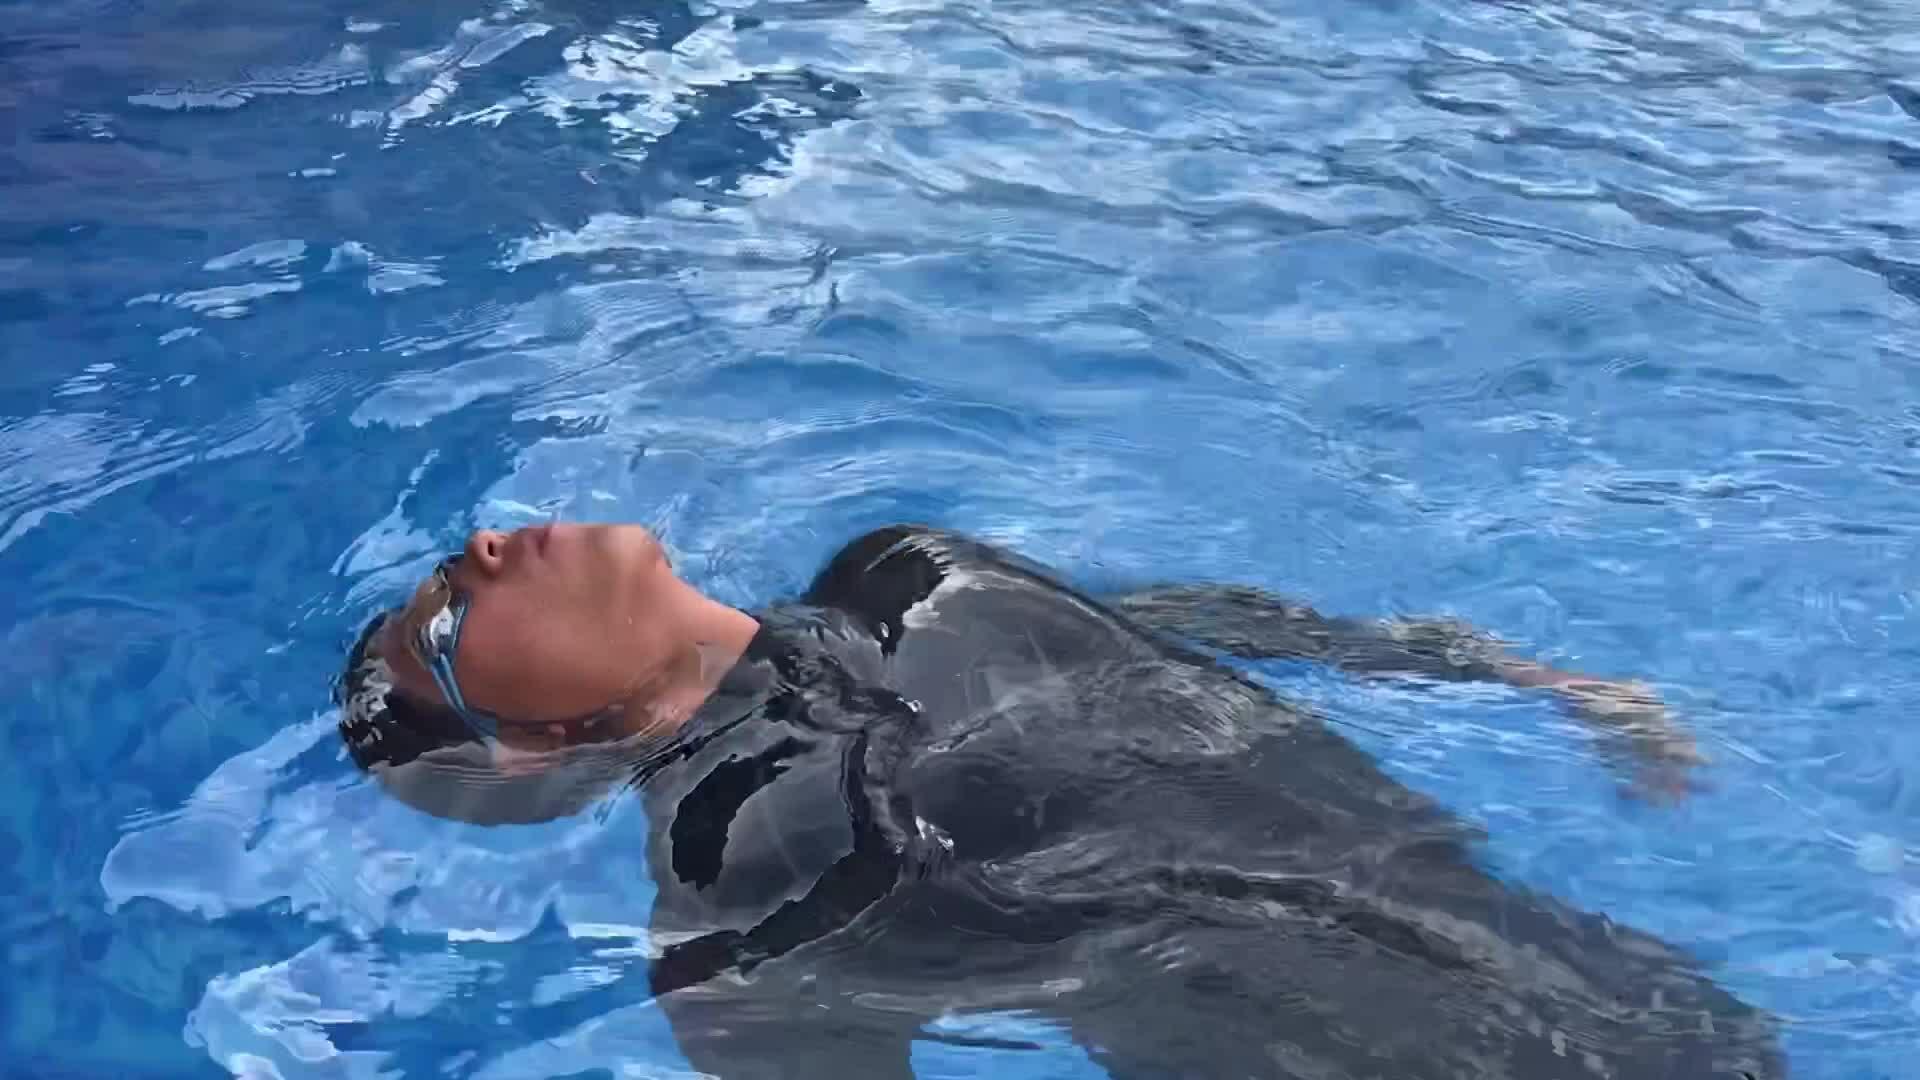 Nằm mơ thấy chết đuối ở đại dương có ý nghĩa gì? Điềm báo gì?